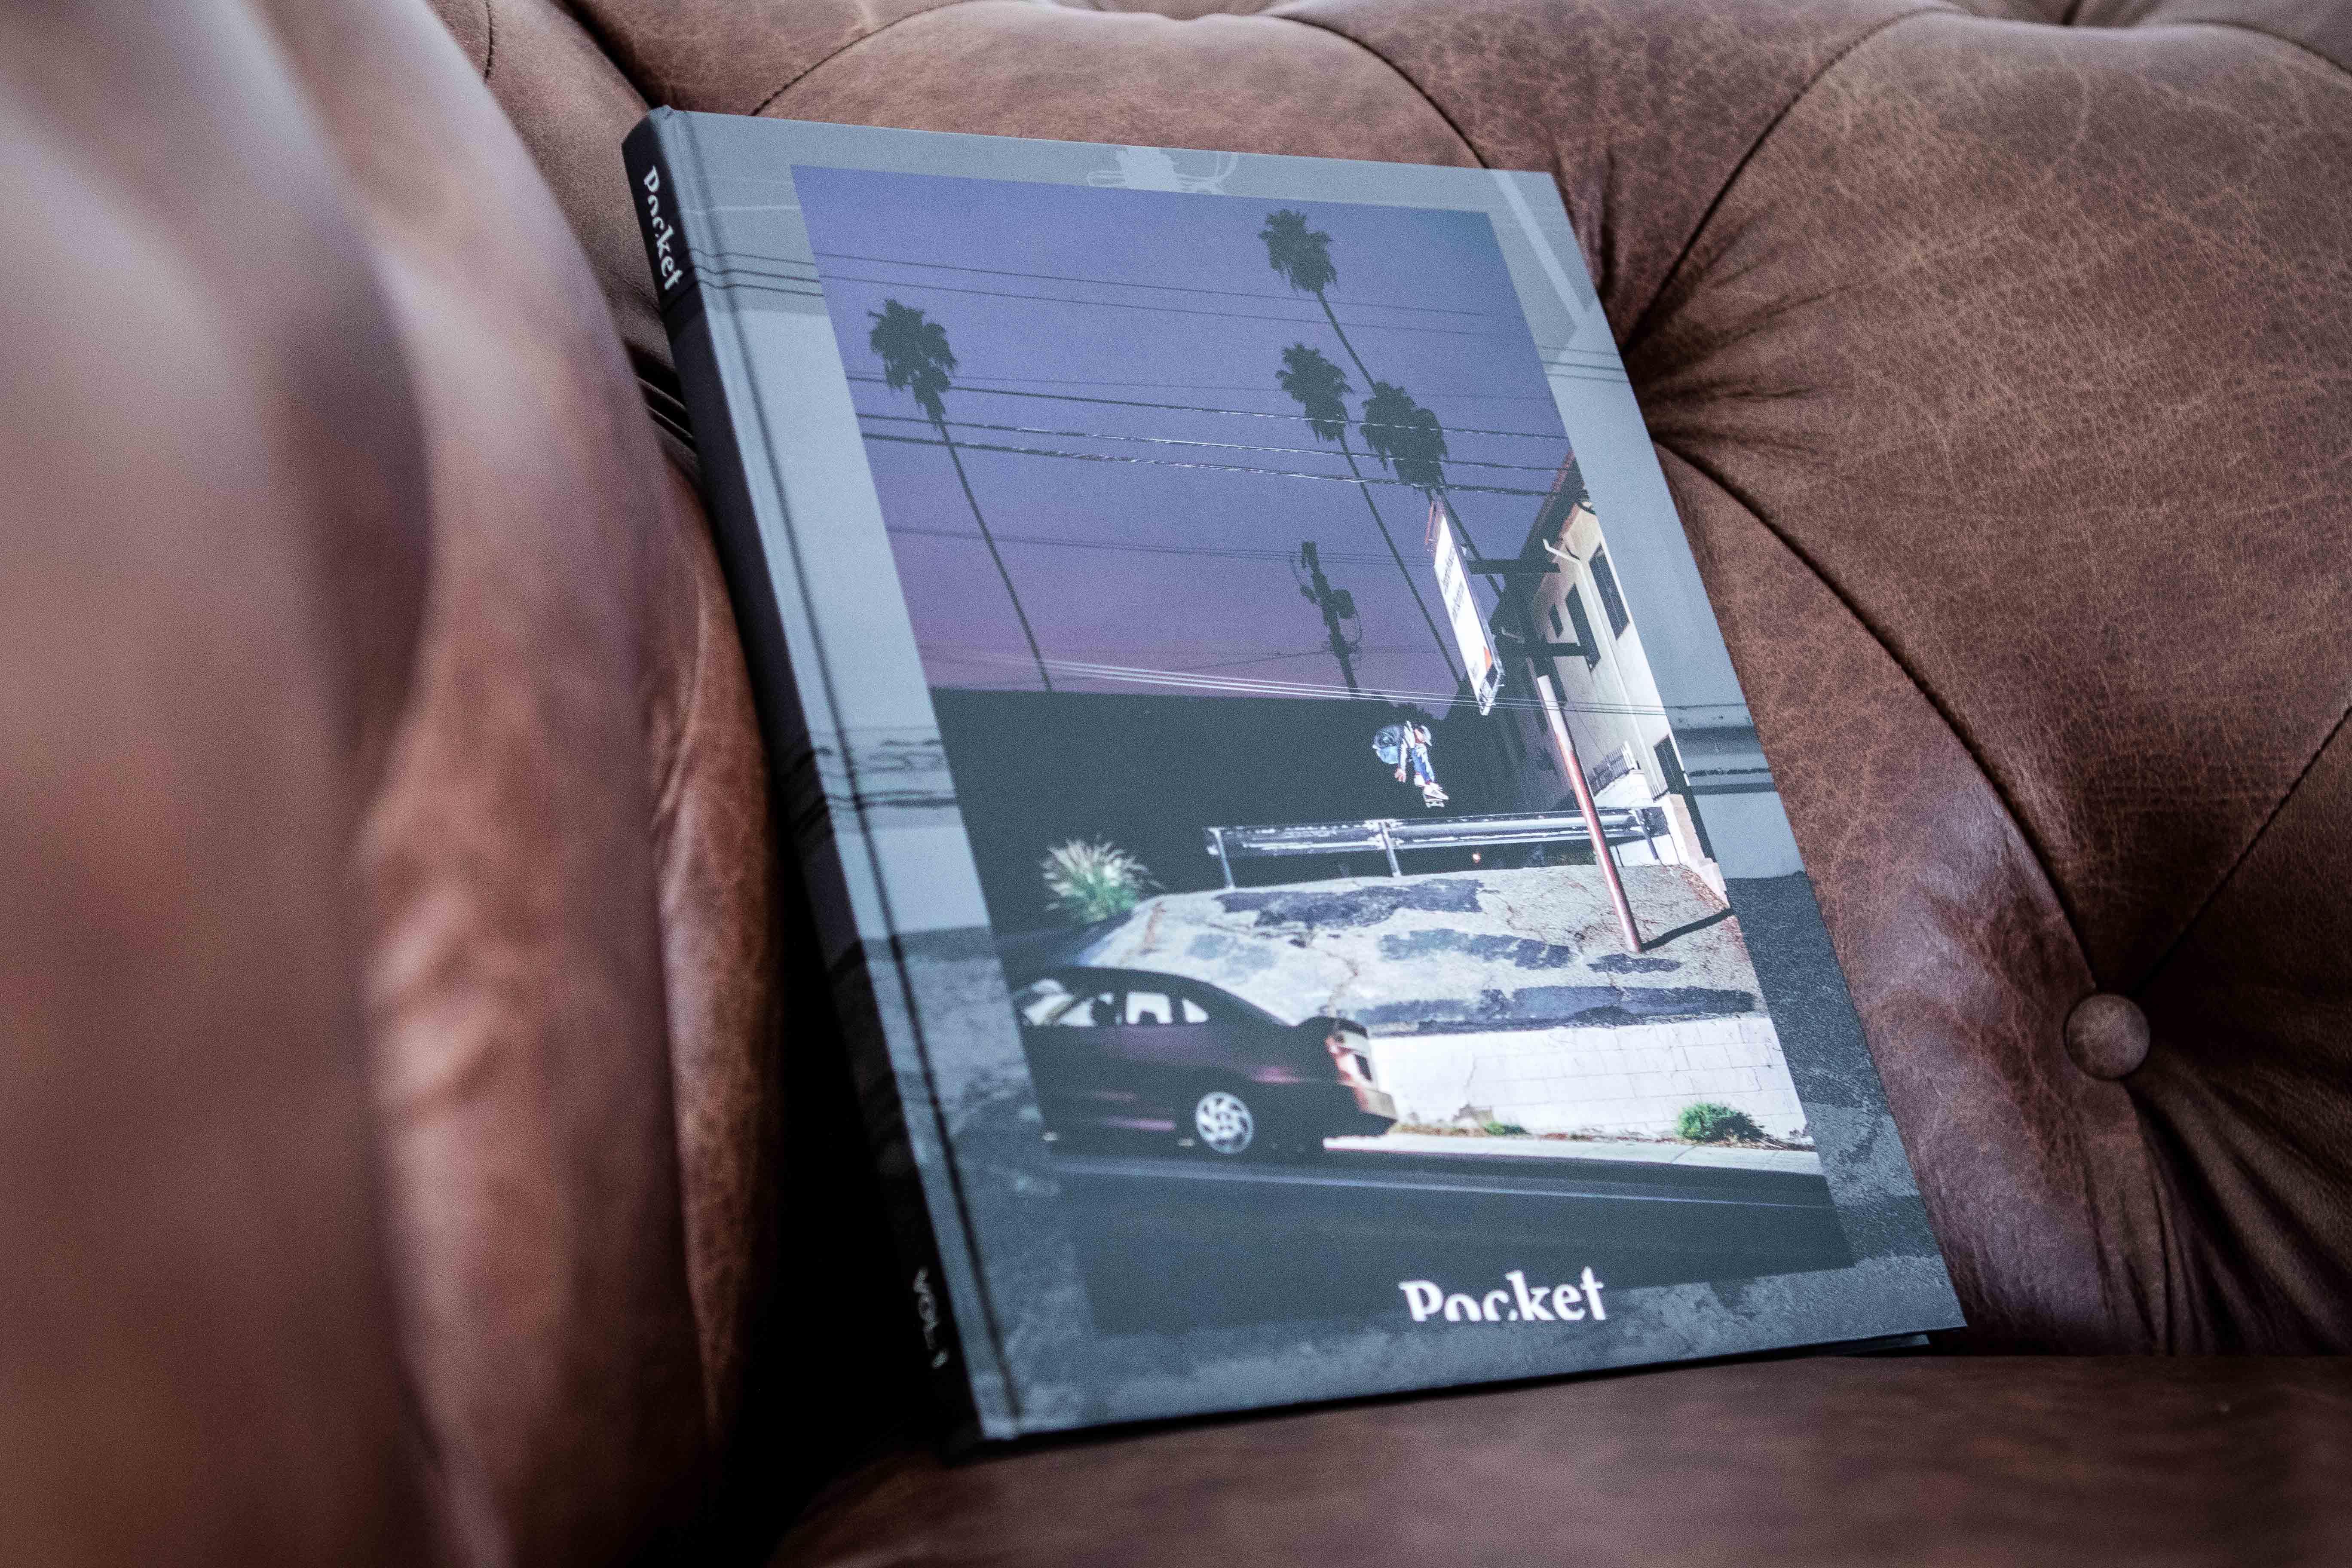 Pocket Skate Mag Vol. 1 | Wir stellen die erste Print Ausgabe vor